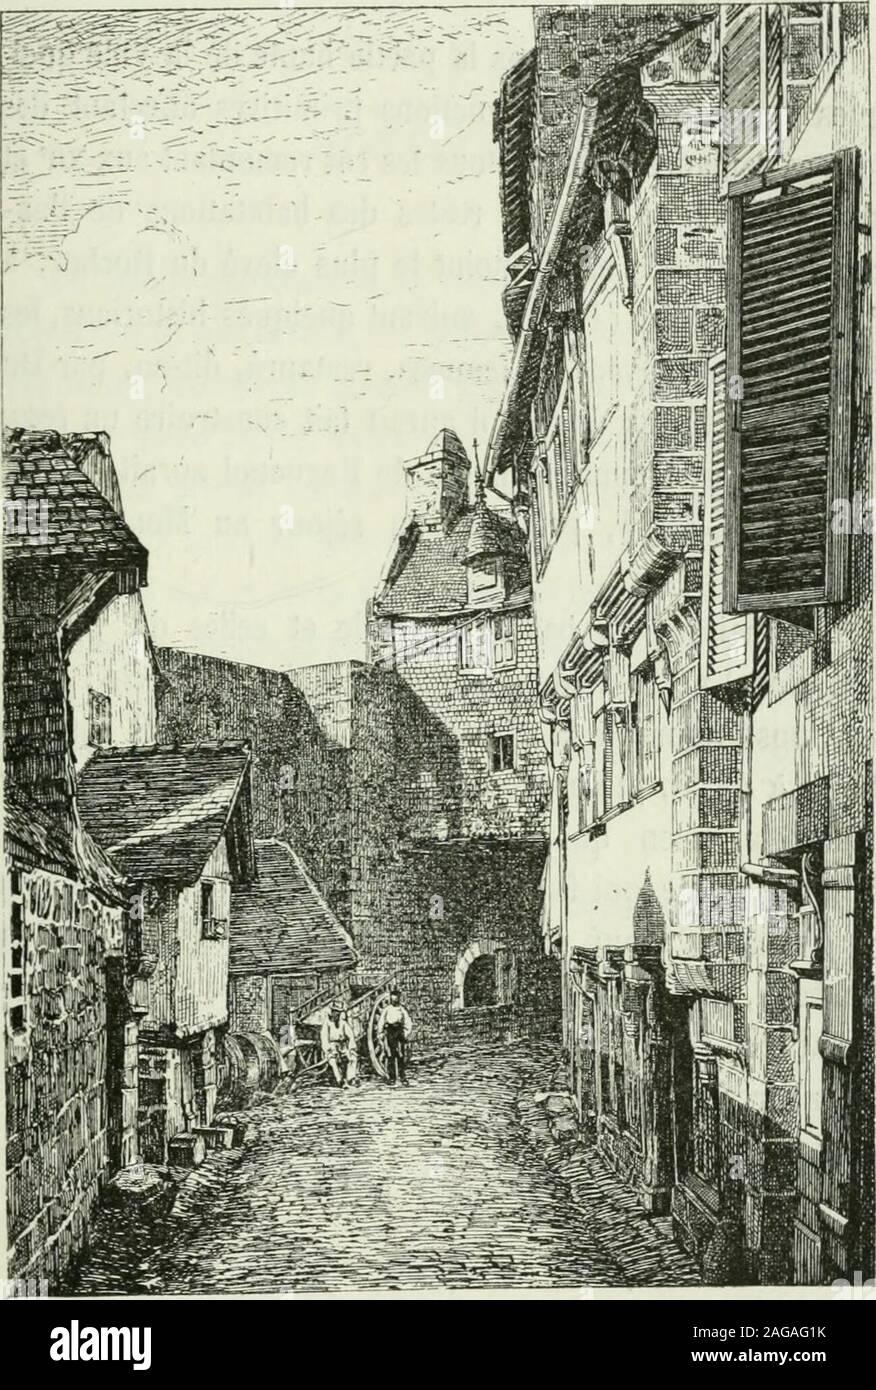 . Description de l'abbaye du Mont Saint-Michel et de ses abords : précédée d'une notice historique. le sélève bientôt rapidement, serpentevers le nord sur les rampes du rocher et aboutit, par degrands emmarchements à lest, au point où se dressait jadisla première porte du Grand Degré montant à la Barbacanedu Chàtelet (2). Quelques ruelles fort étroites, escaladant le roc, grim-pent aux jardins en terrasses ou aux maisons les plus éle-vées et aboutissent, par des détours, aux murs de ronde età la Poterne de lEscalier sud de la Barbacane protégeantlEntrée de lAbbaye (3). La rue de la Ville est b Stock Photo